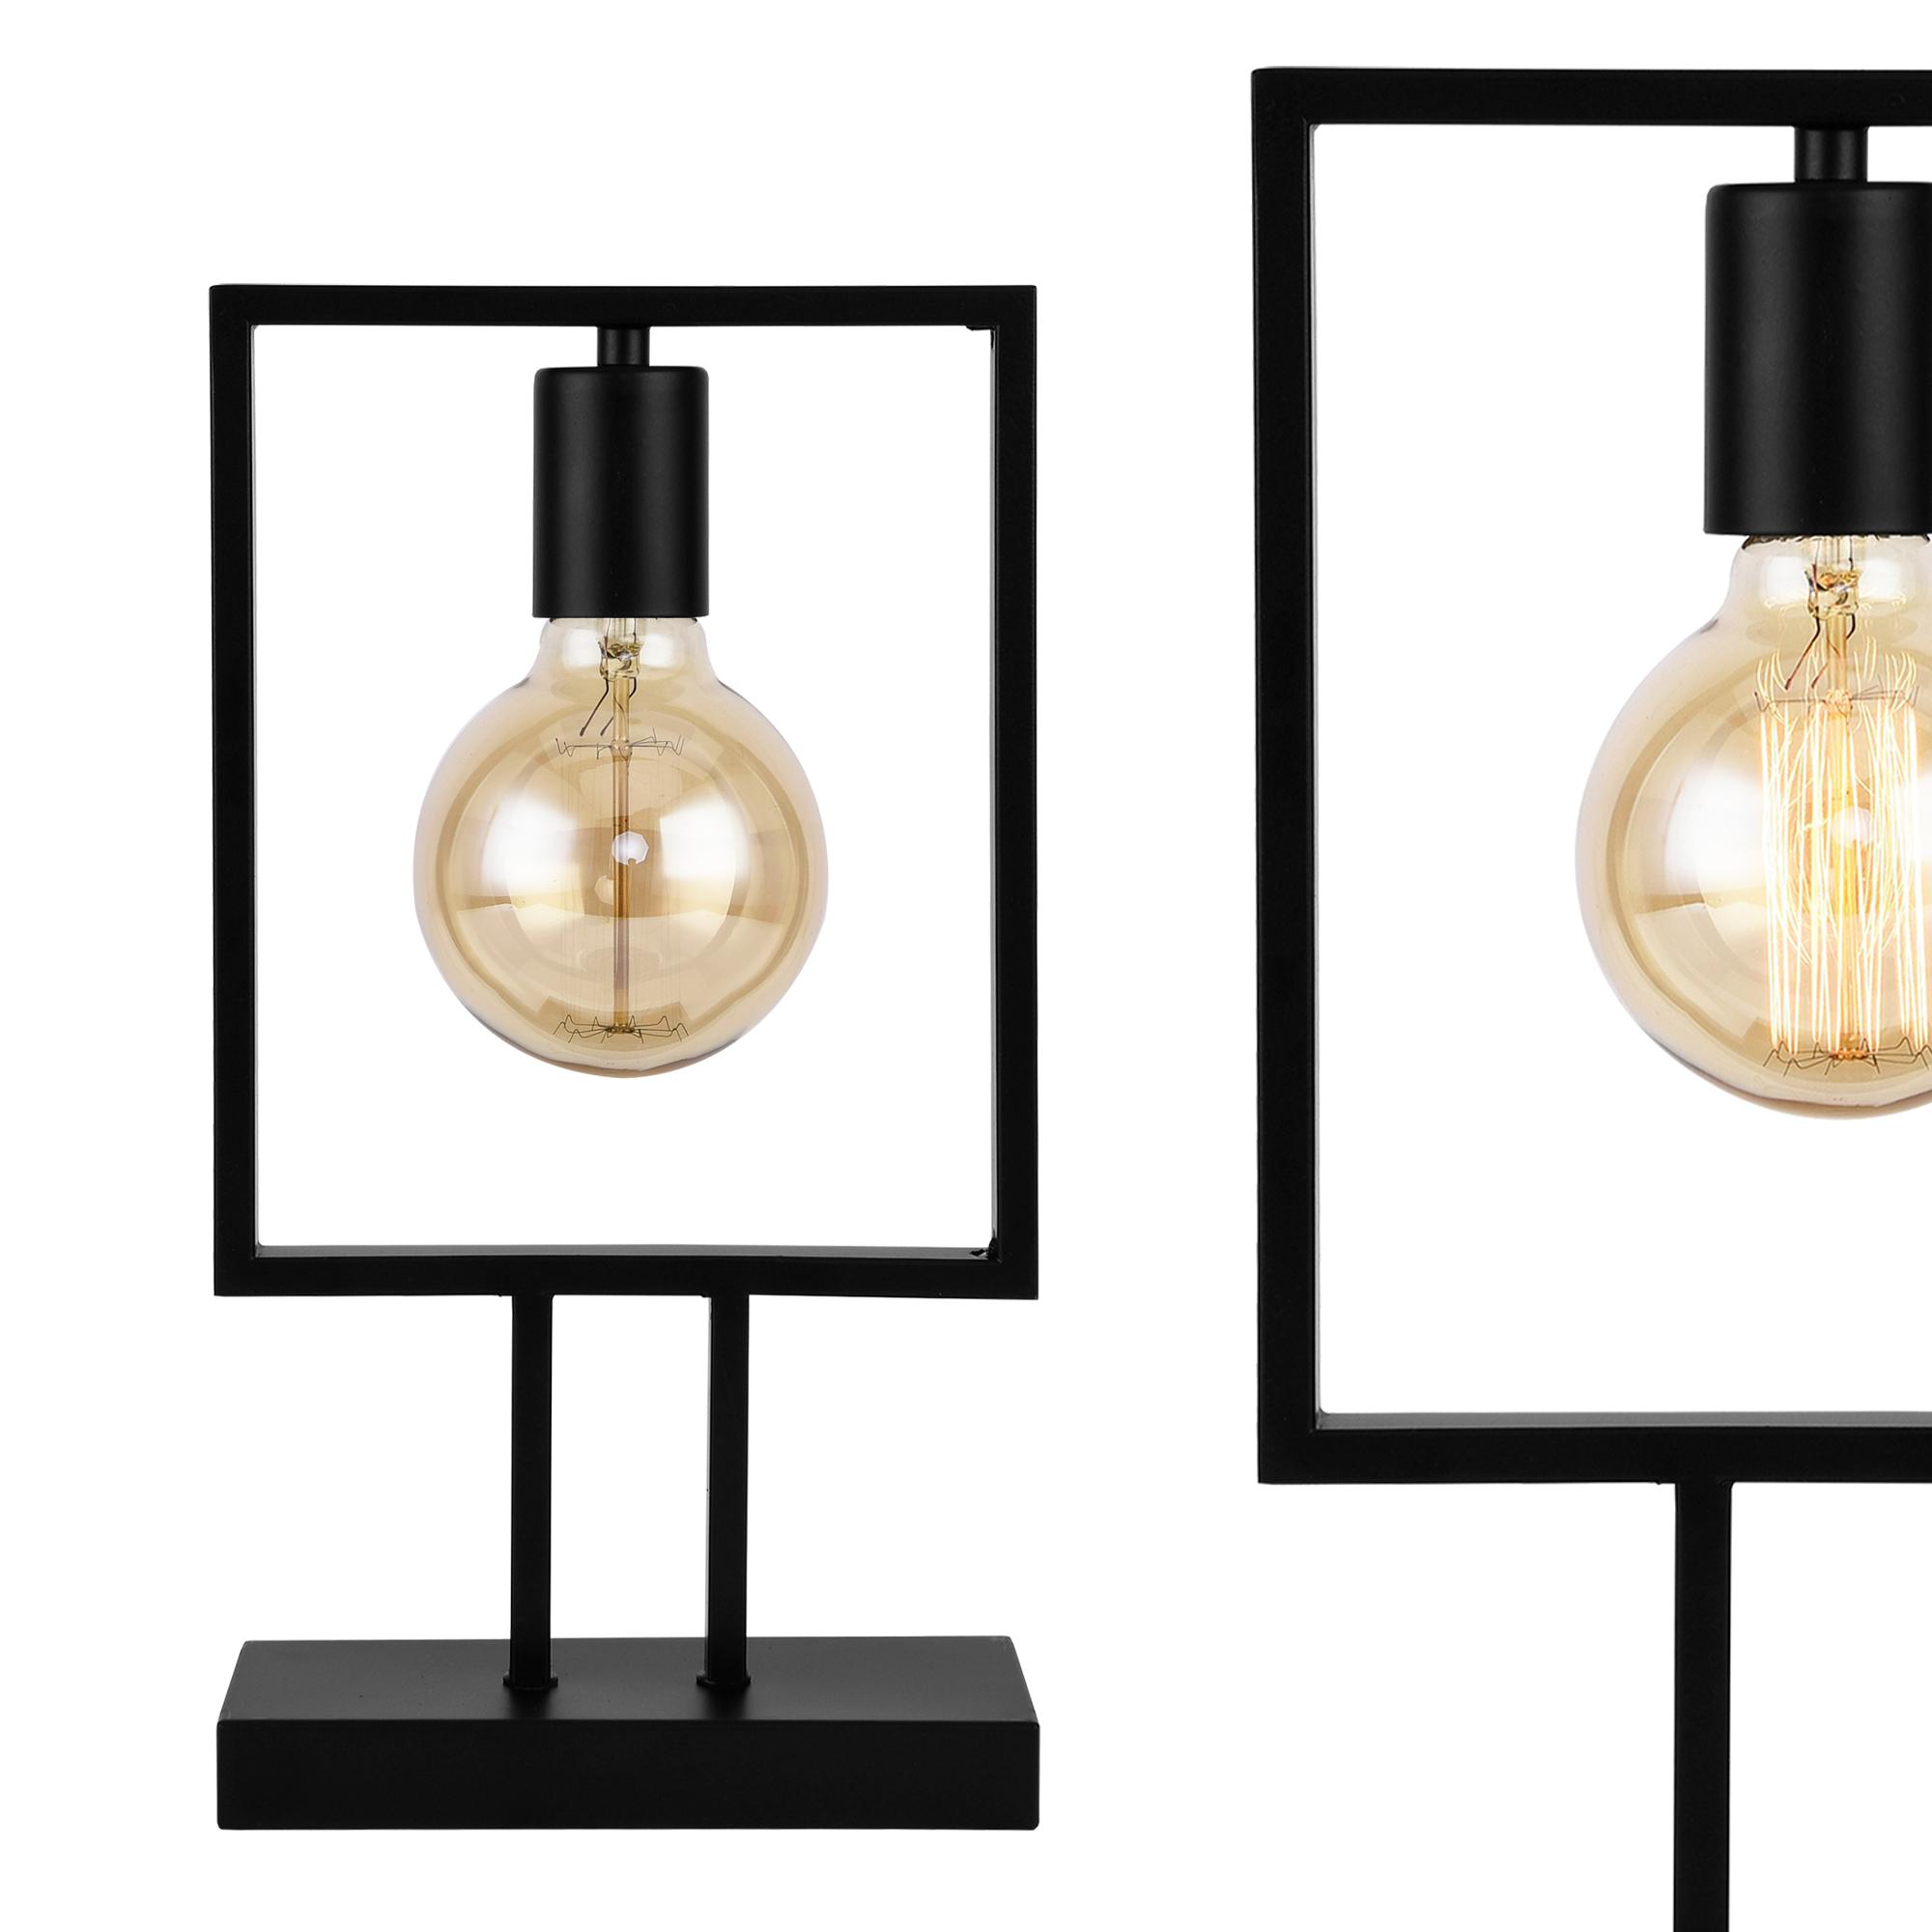 tischleuchte tischlampe lampe leuchte wohnzimmer nachttischlampe e27 4251155589131 ebay. Black Bedroom Furniture Sets. Home Design Ideas